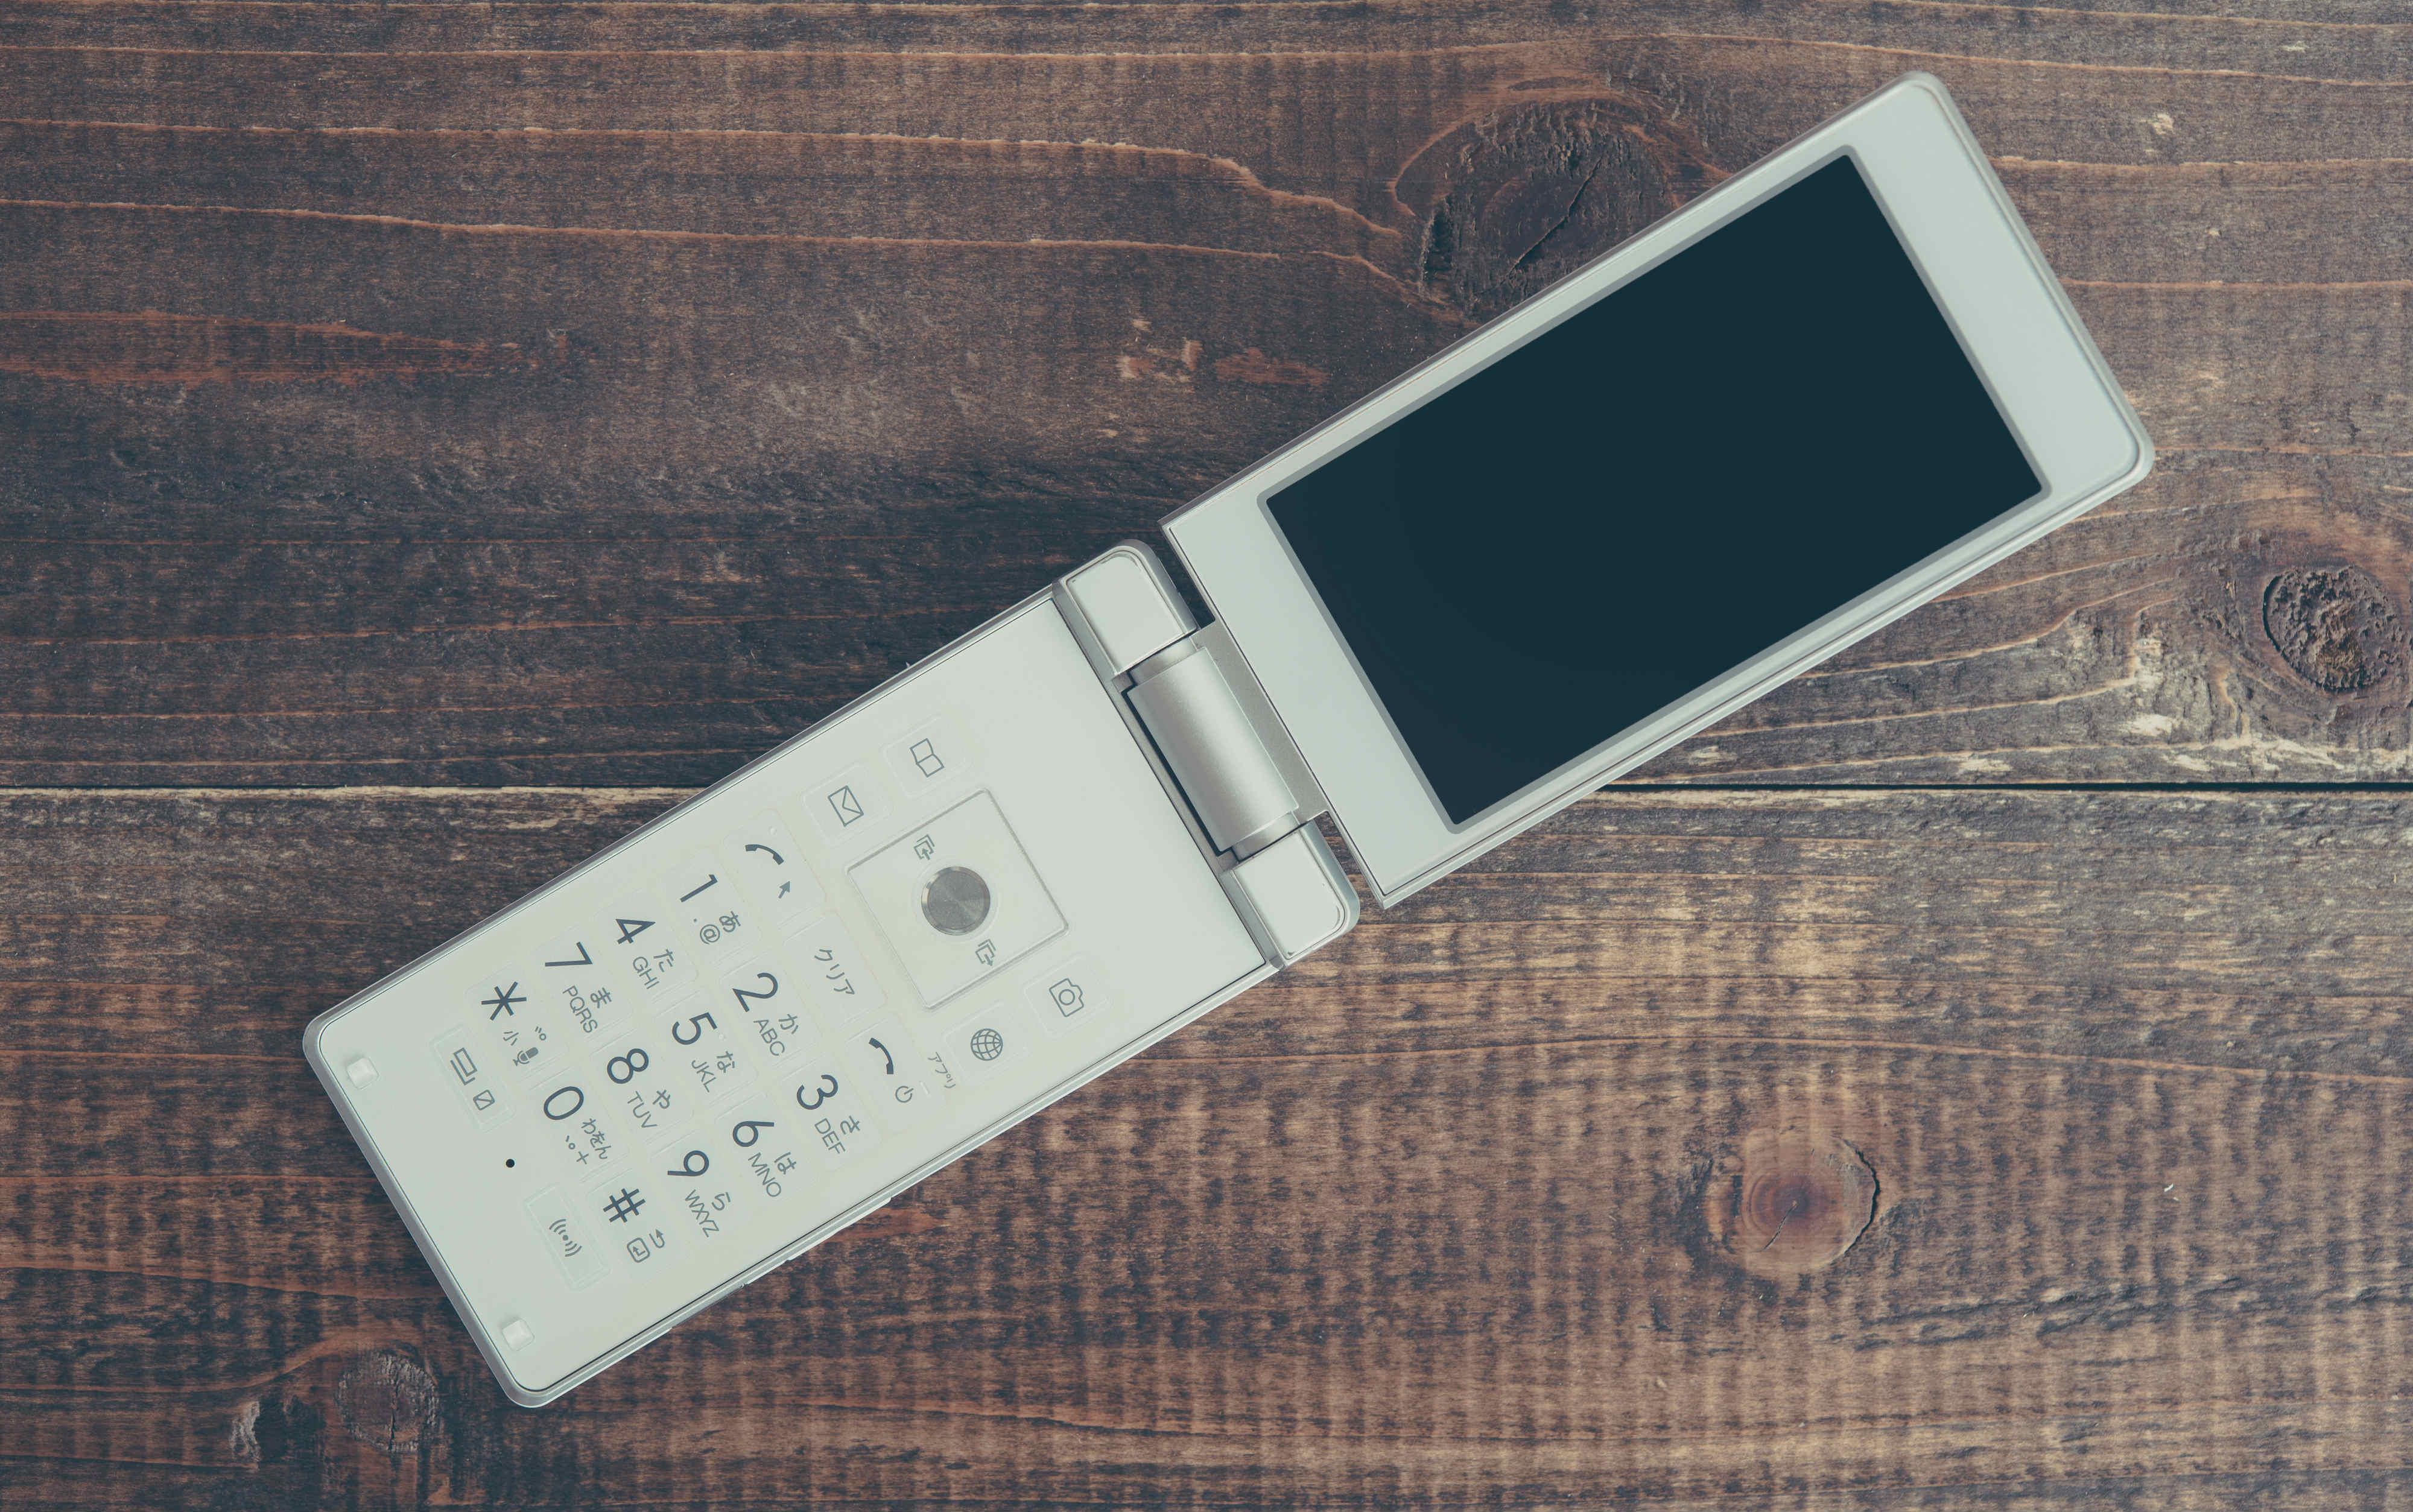 ガラケーからの格安MNPはソフトバンク携帯がイチオシ!